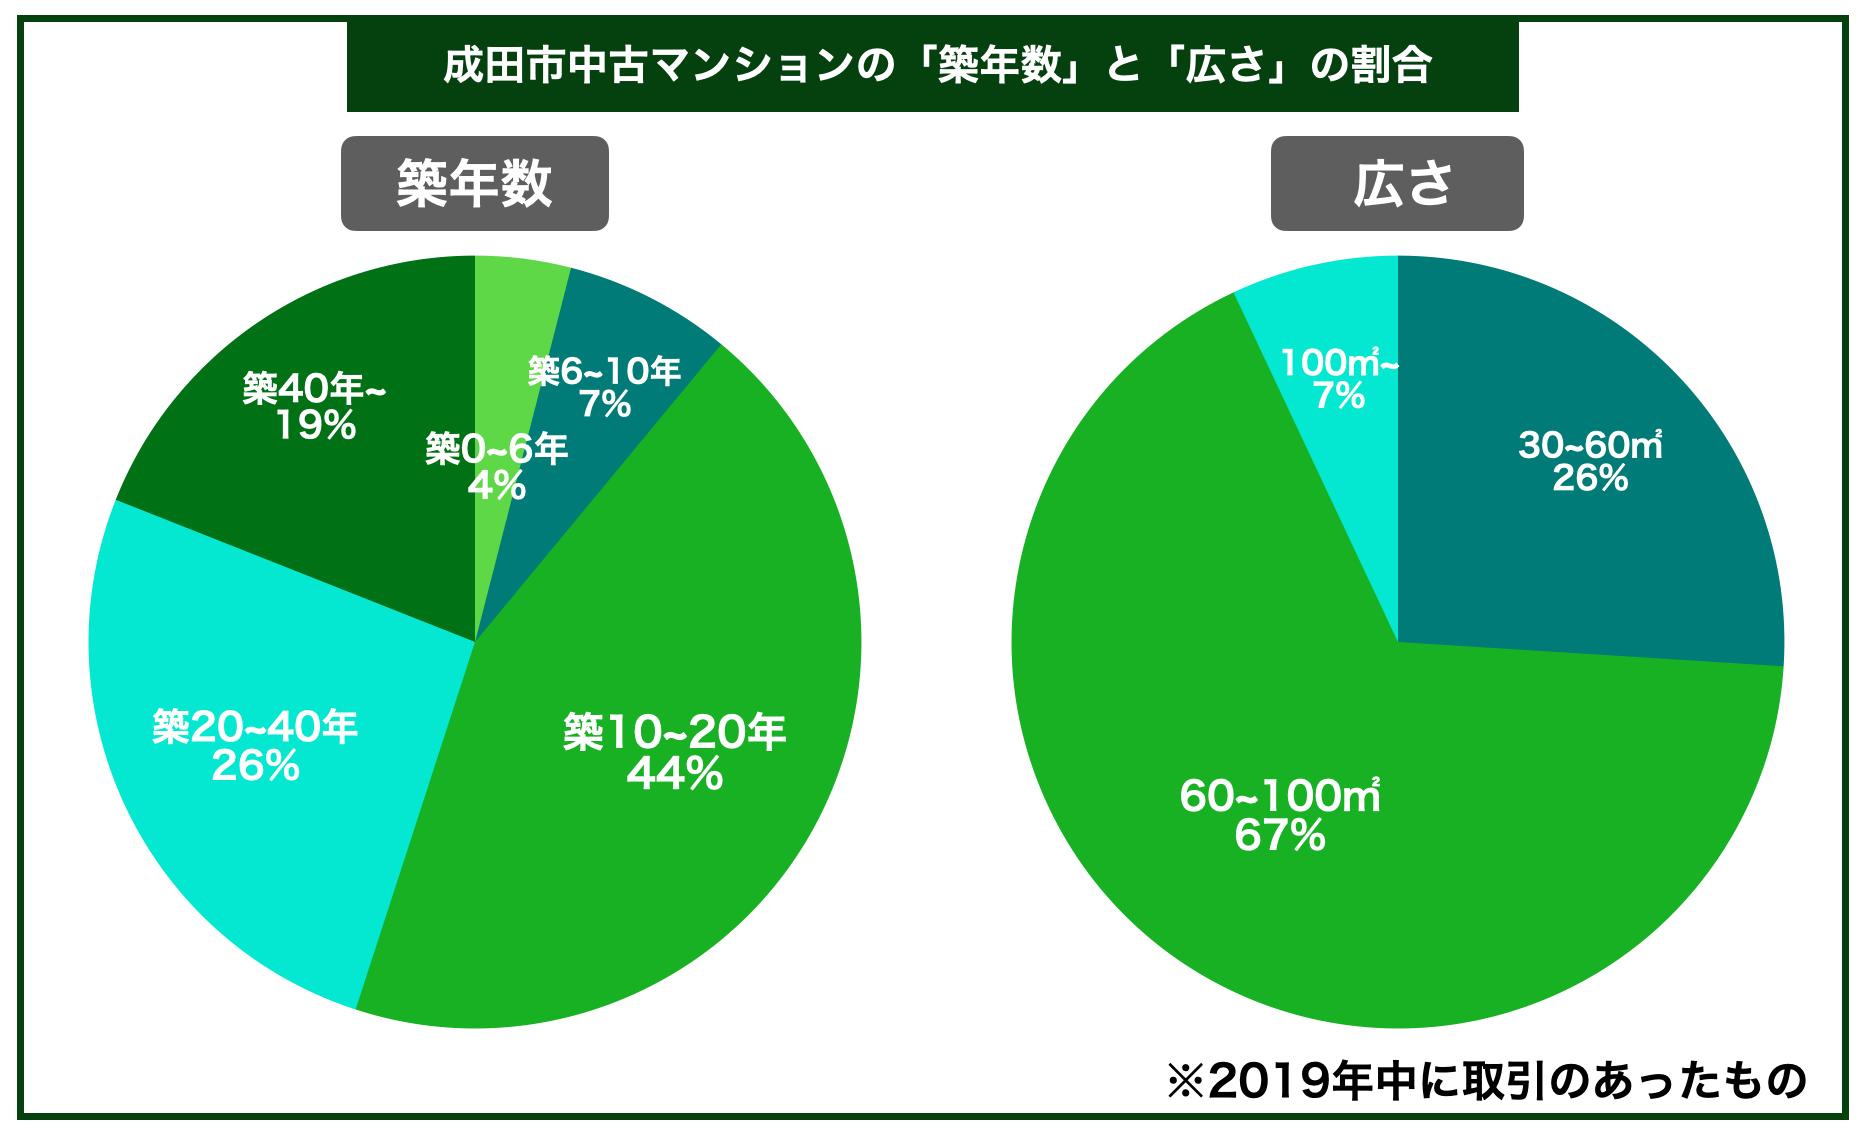 成田市マンション築年数広さ割合